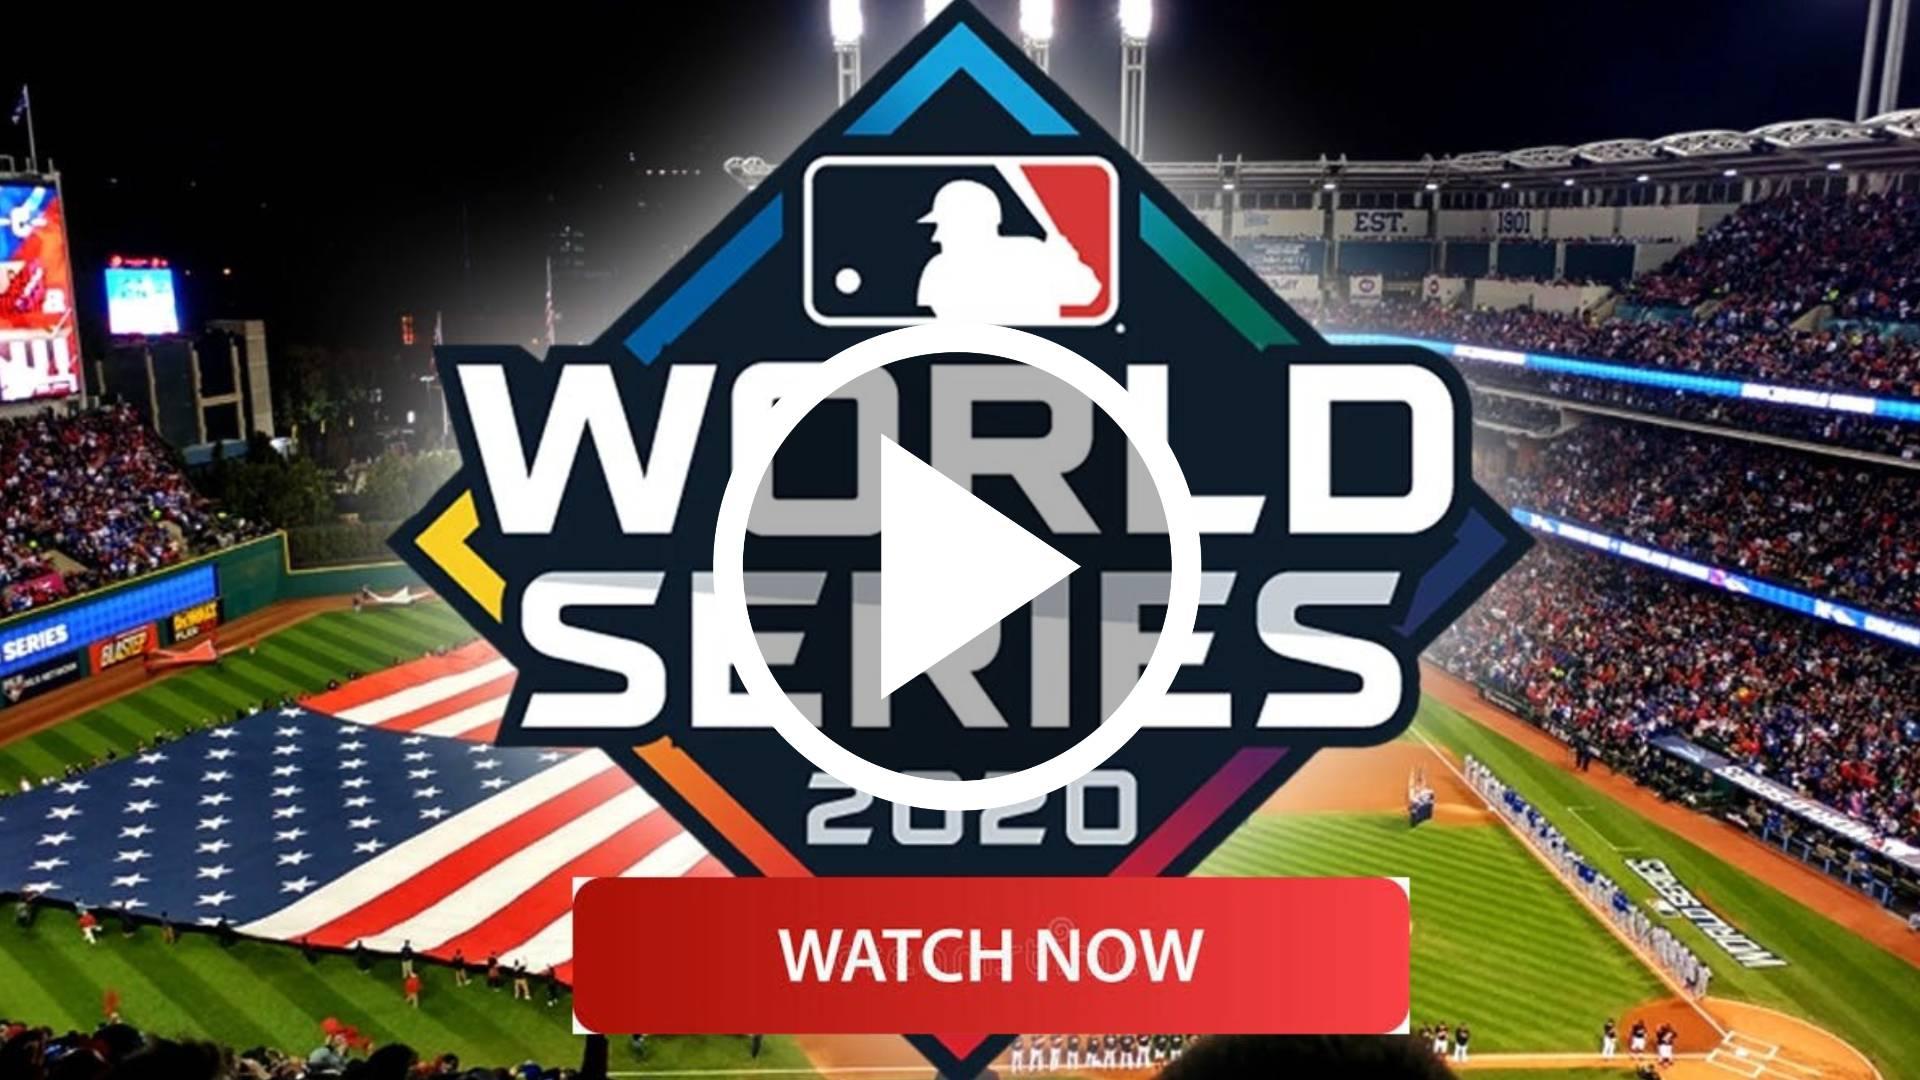 MIRAR AQUI EN DIRECTO GRATIS LA SERIE MUNDIAL JUEGO 6 Dodgers vs Rays EN DIRECTO HOY